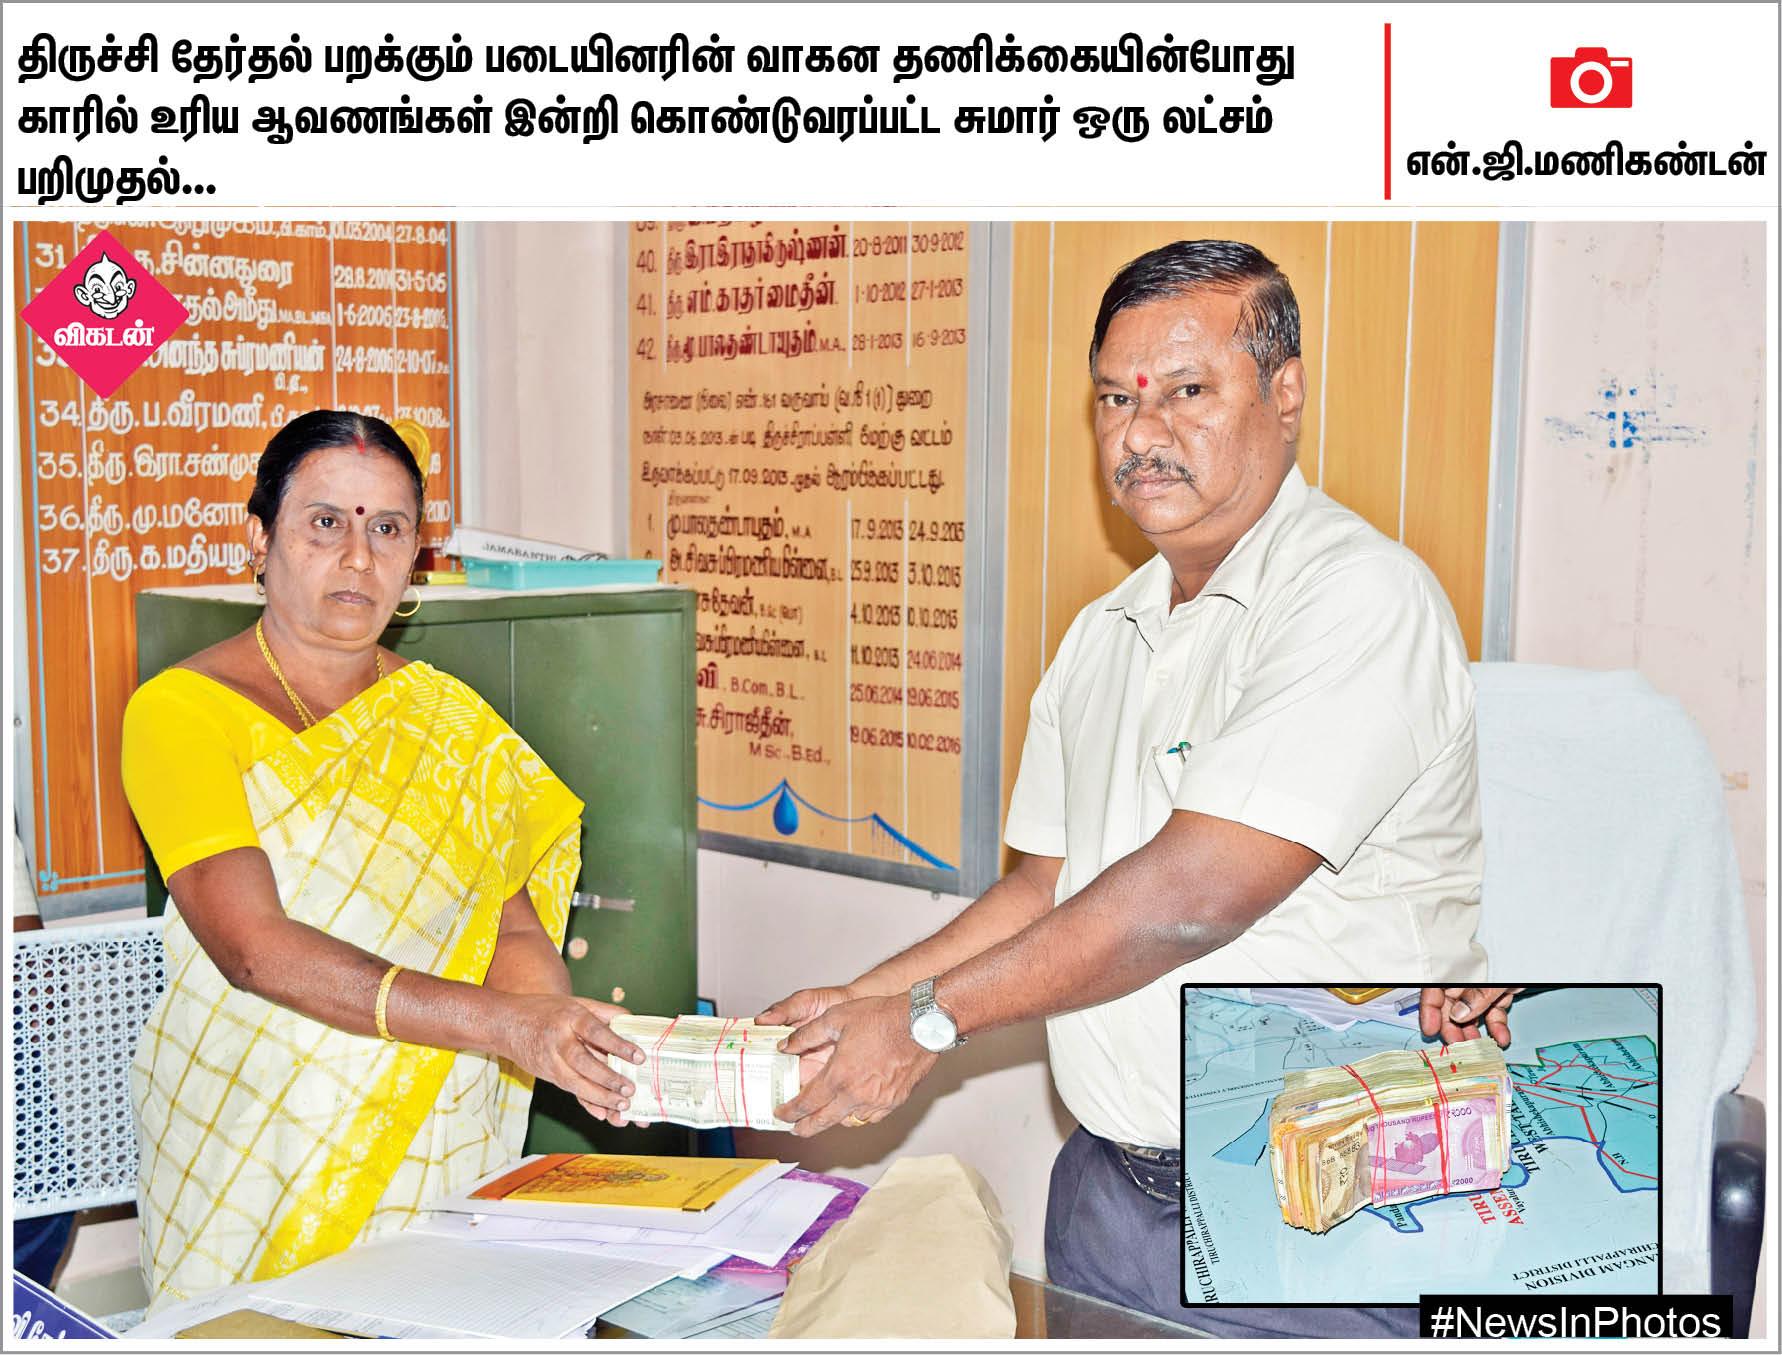 தேர்தல் விழிப்புணர்வு ஏற்படுத்தும் ஆட்சியர்... கெத்தை பள்ளத்தாக்கு... #NewsInPhotos